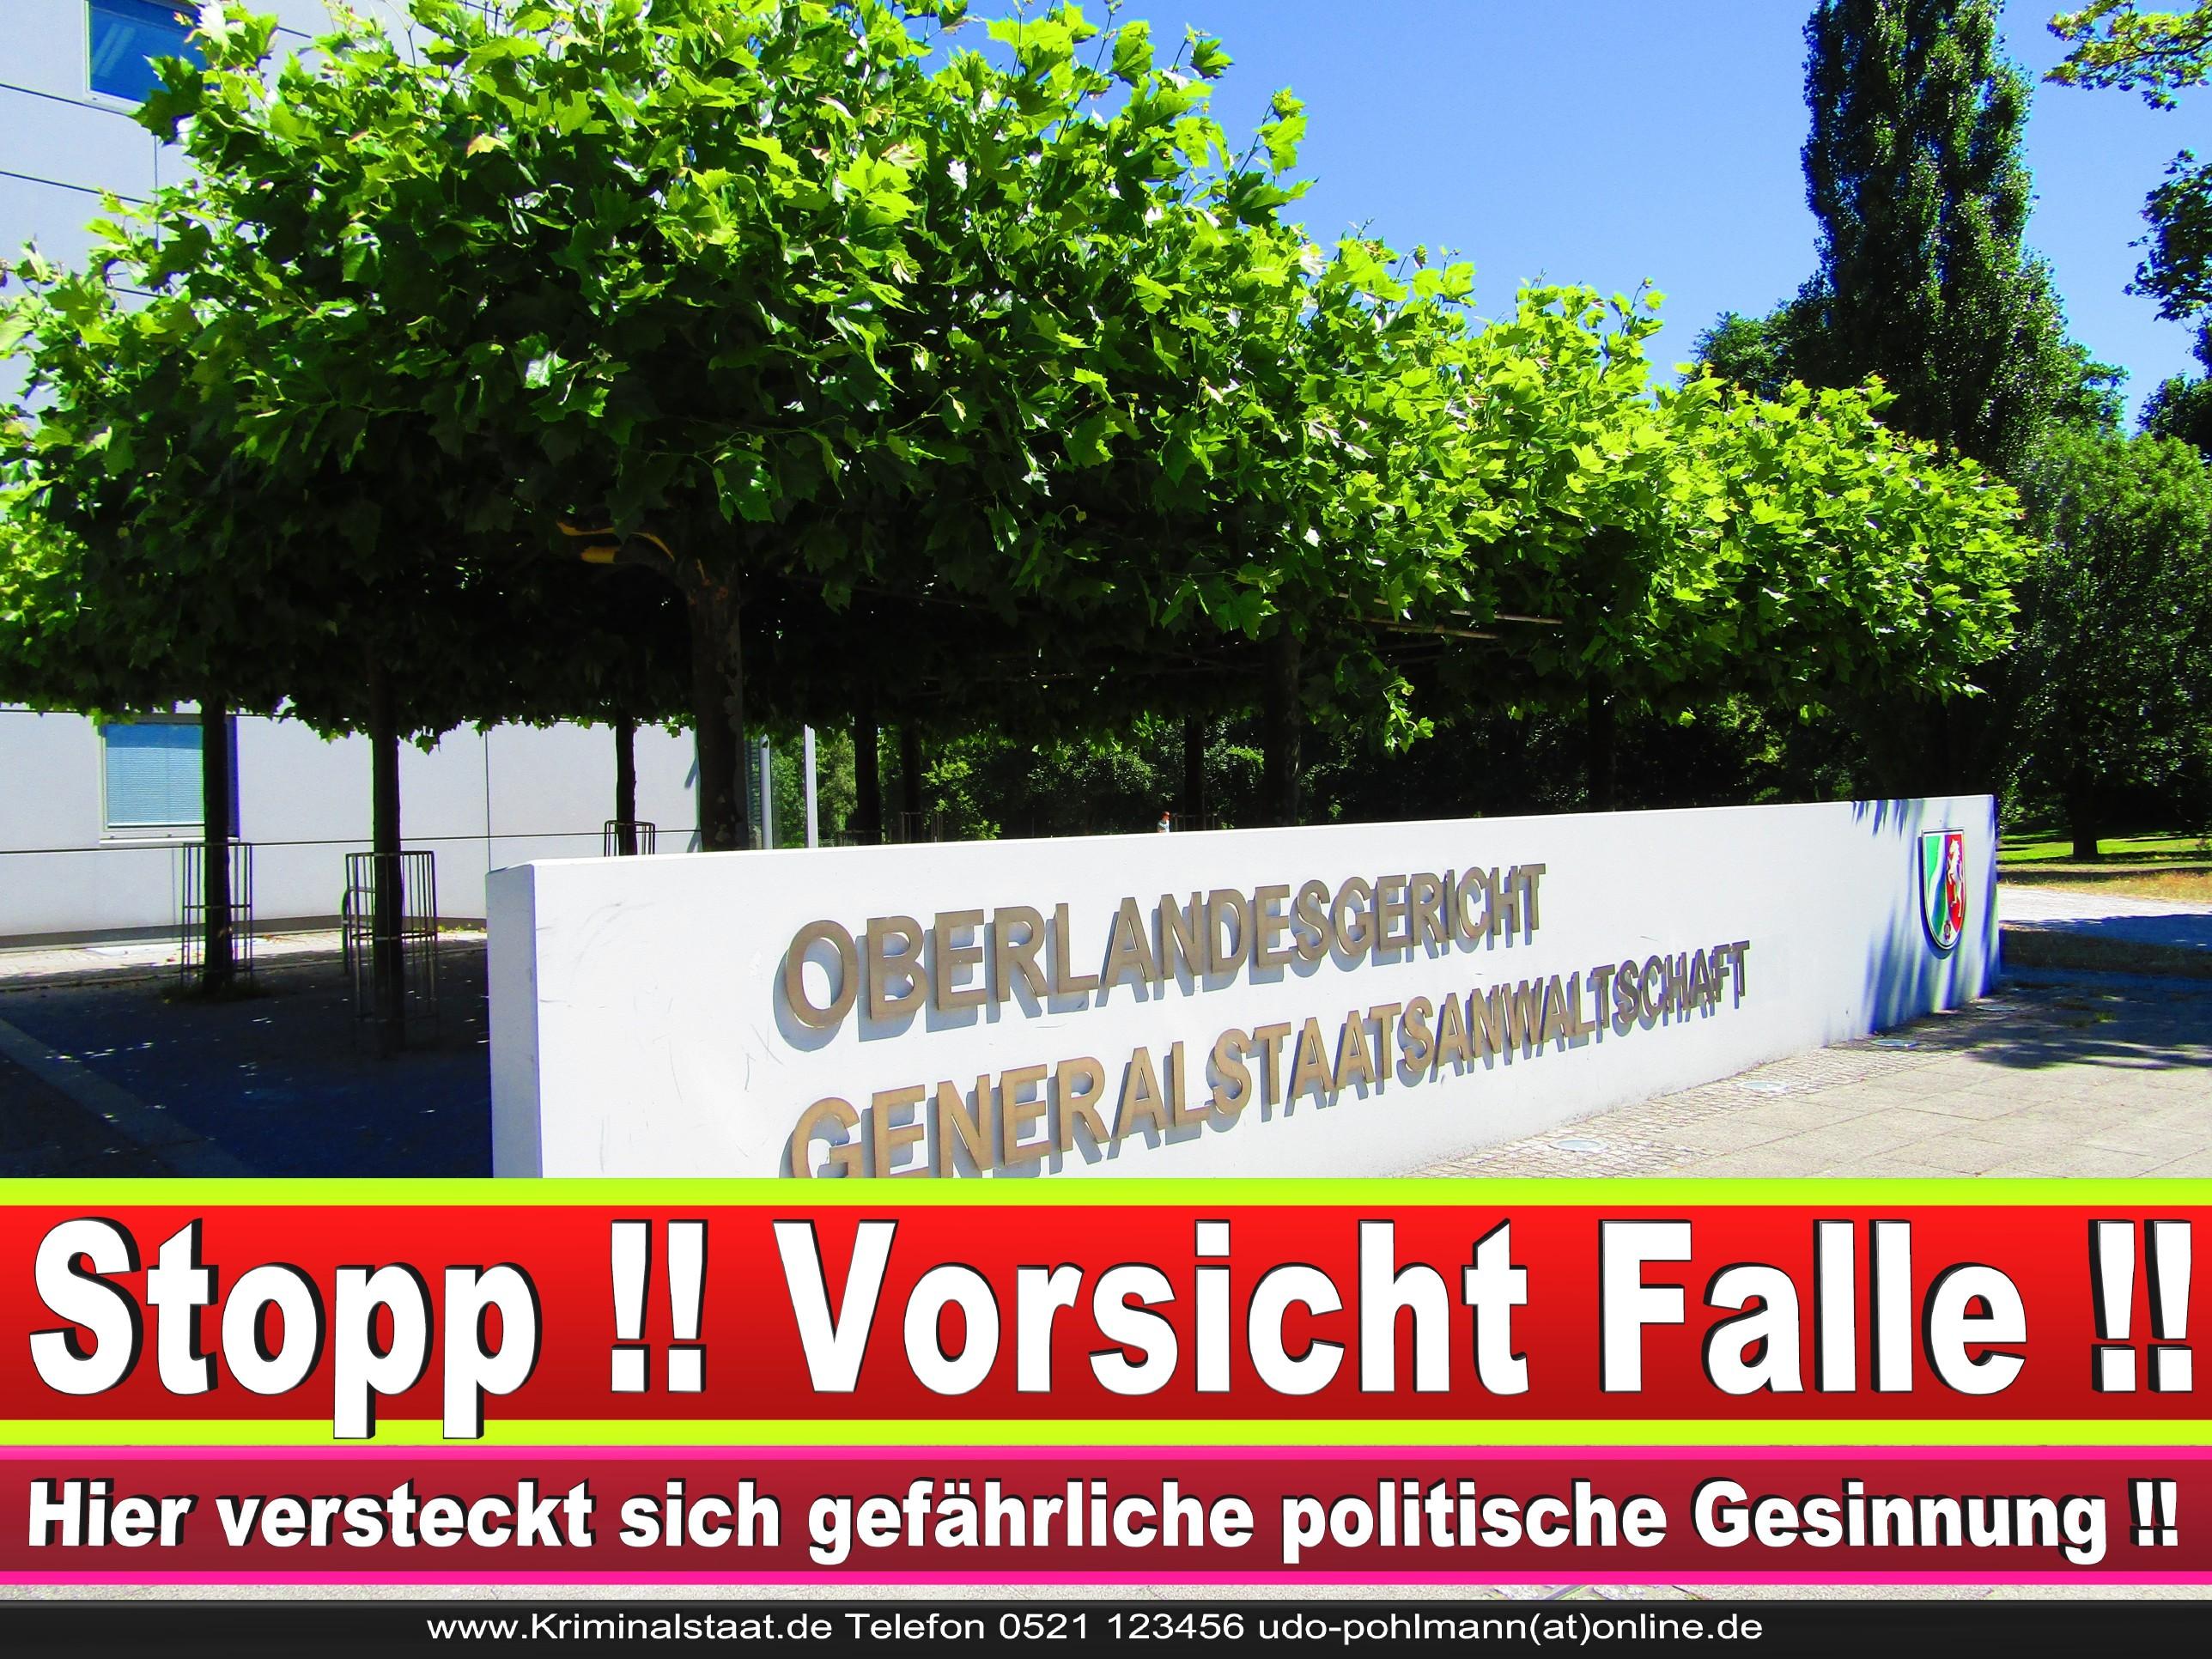 OLG Hamm Oberlandesgericht Hamm Landgericht Polizei Staatsanwaltschaft Generalstaatsanwaltschaft StA GeStA Praktikum Korruption Rechtsbeugung Richter Justiz Justizministerium (32)